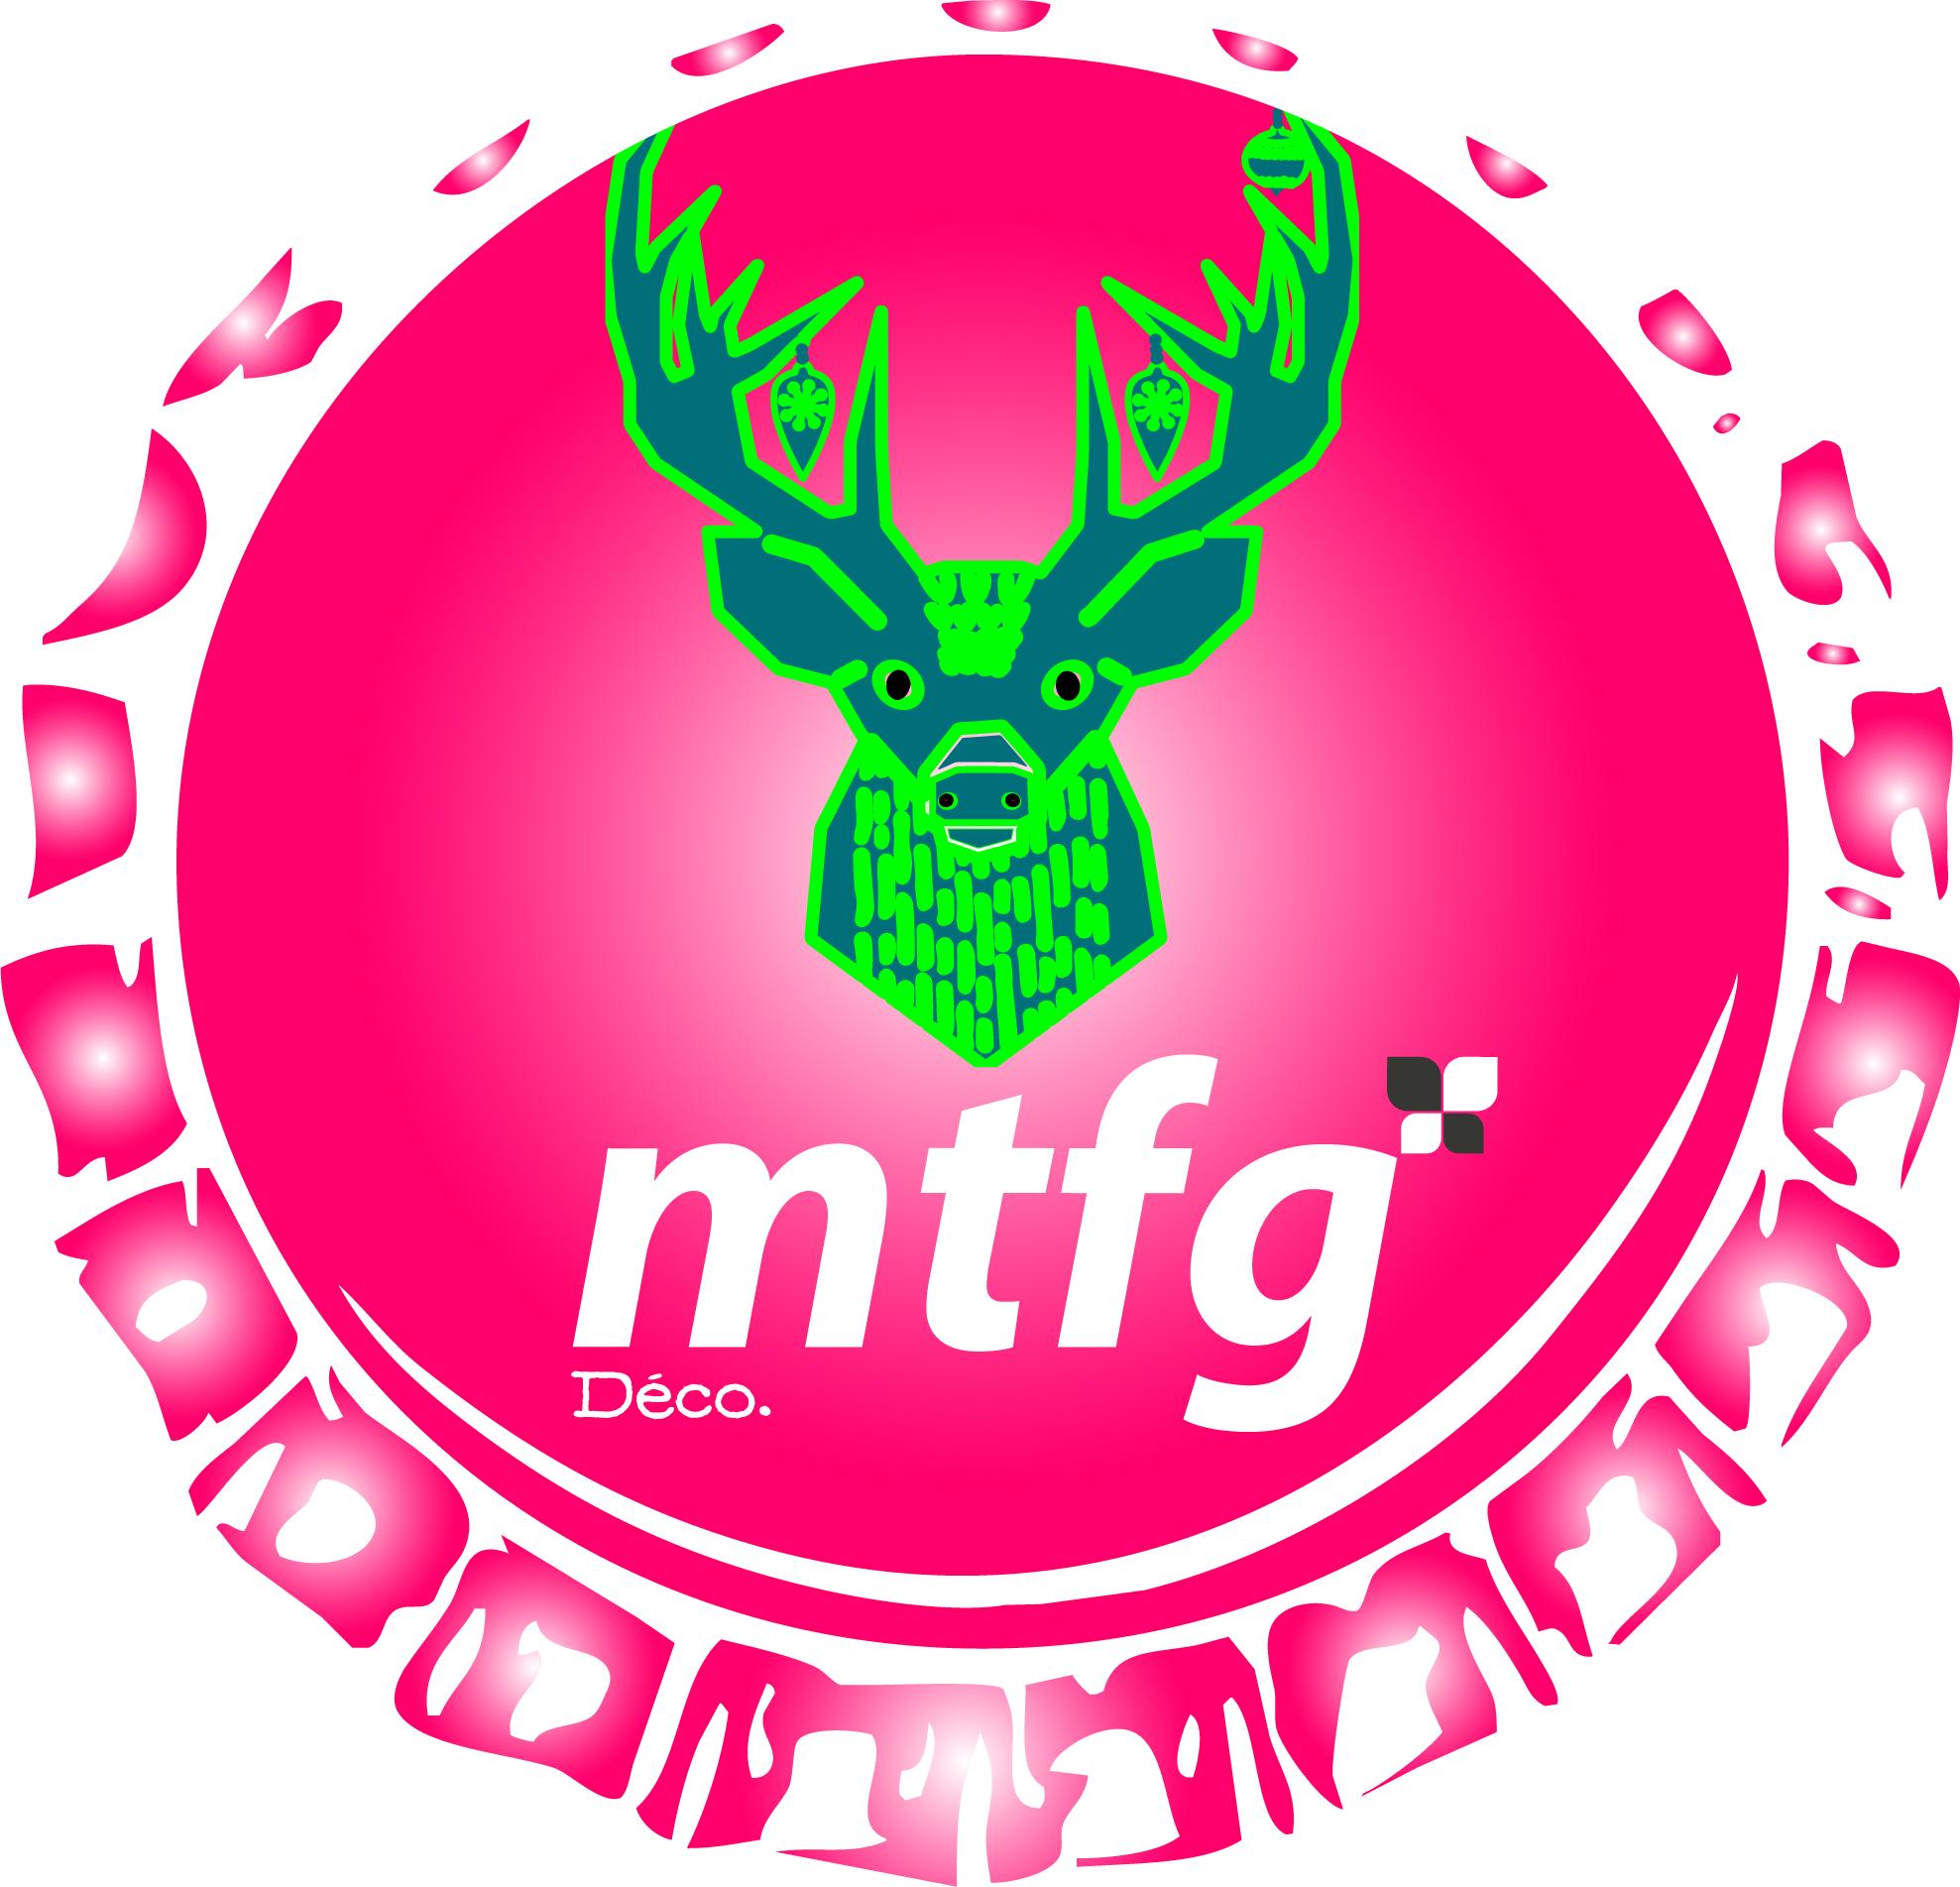 MTFG Deco